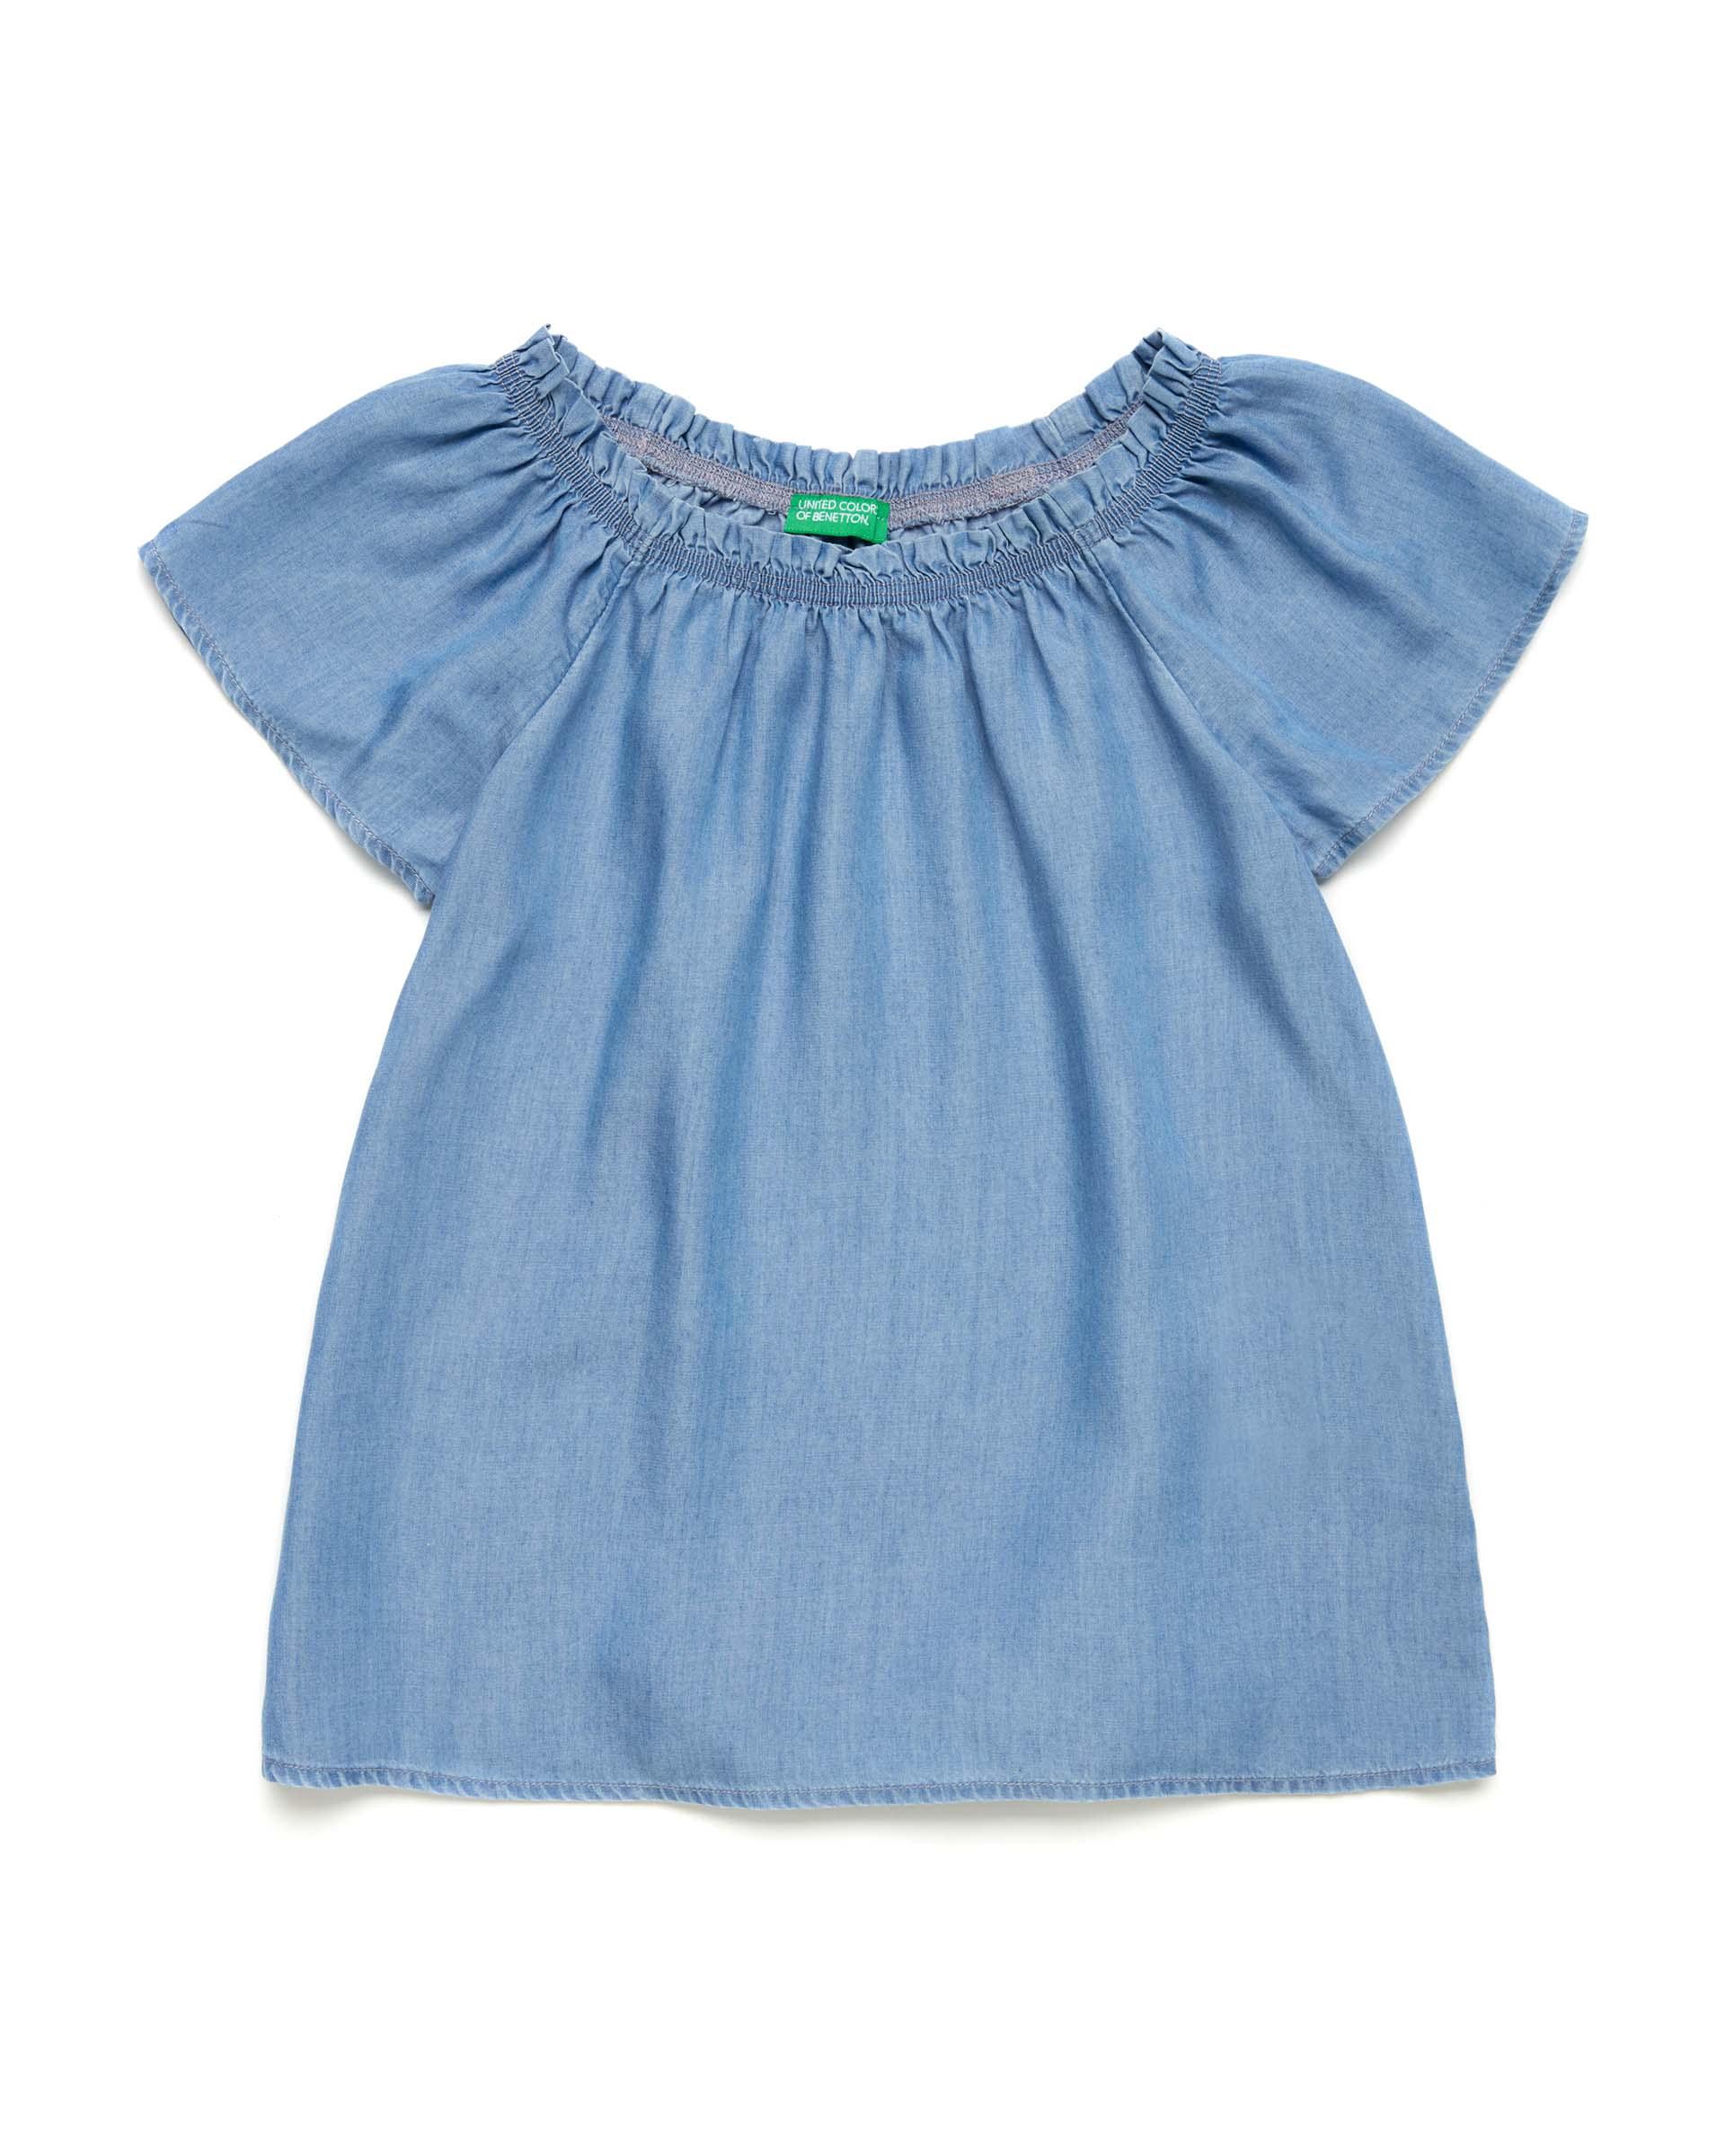 Купить 20P_5DRQ5QH50_901, Блуза для девочек Benetton 5DRQ5QH50_901 р-р 140, United Colors of Benetton, Блузки для девочек